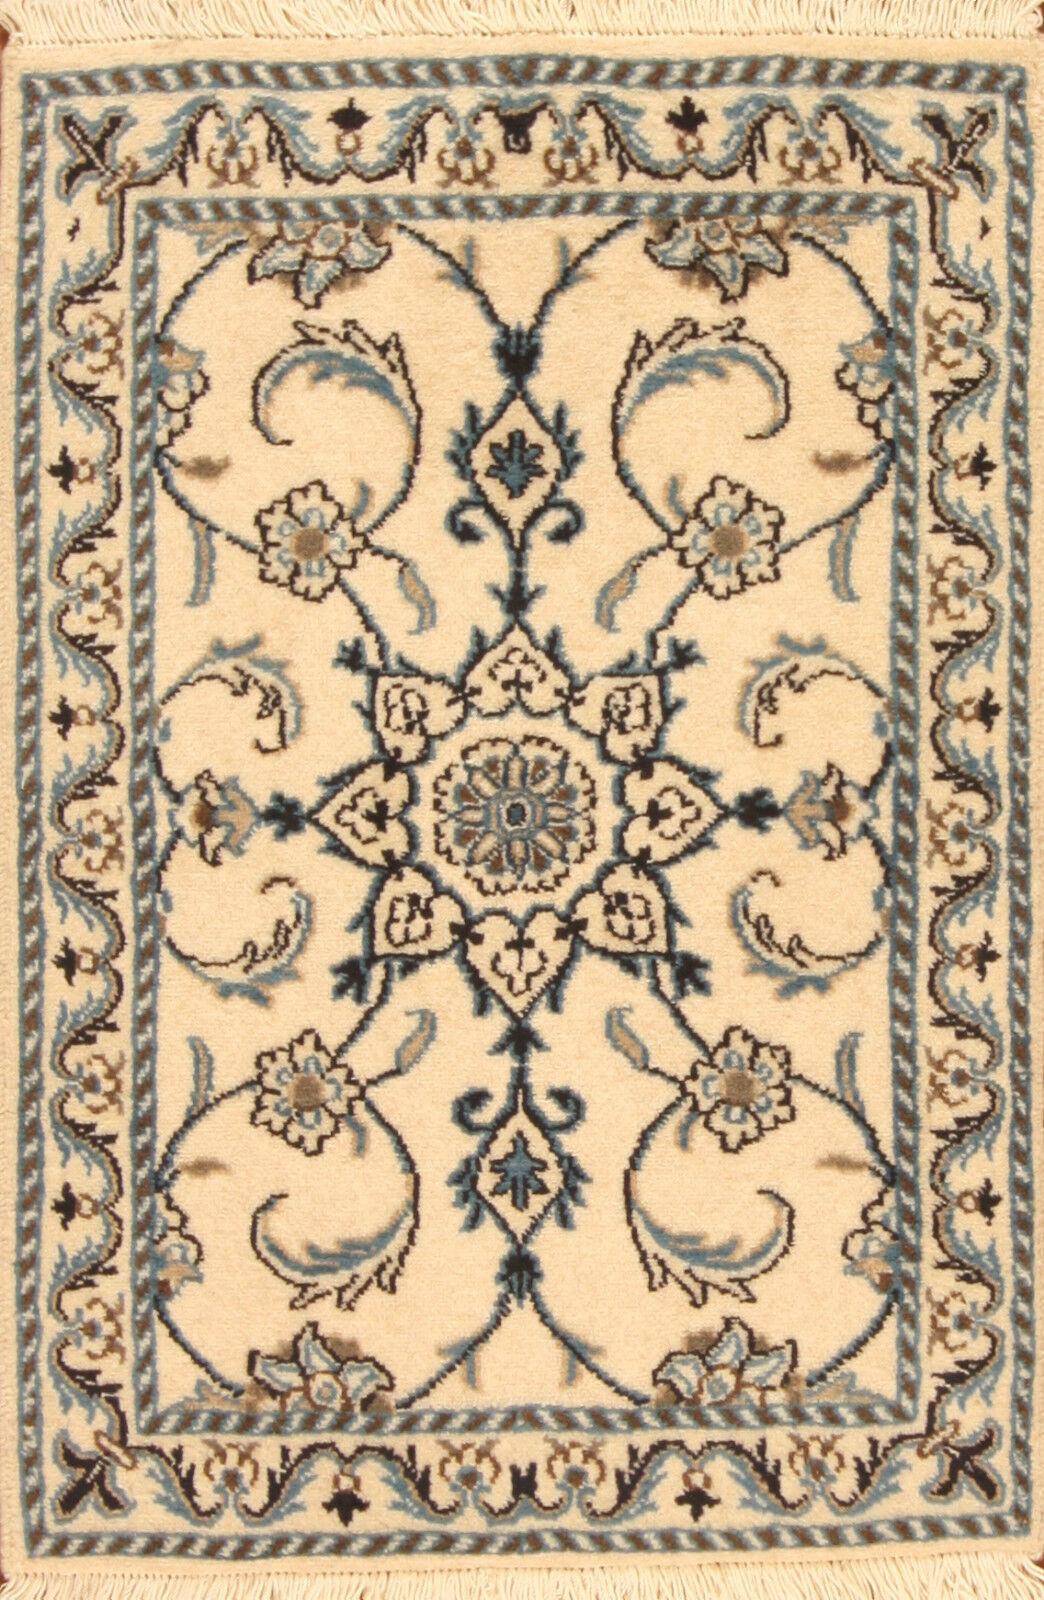 TAPPETO Orientale Vero Annodato Tapis persan 641 (90 x 60) cm Nuovo